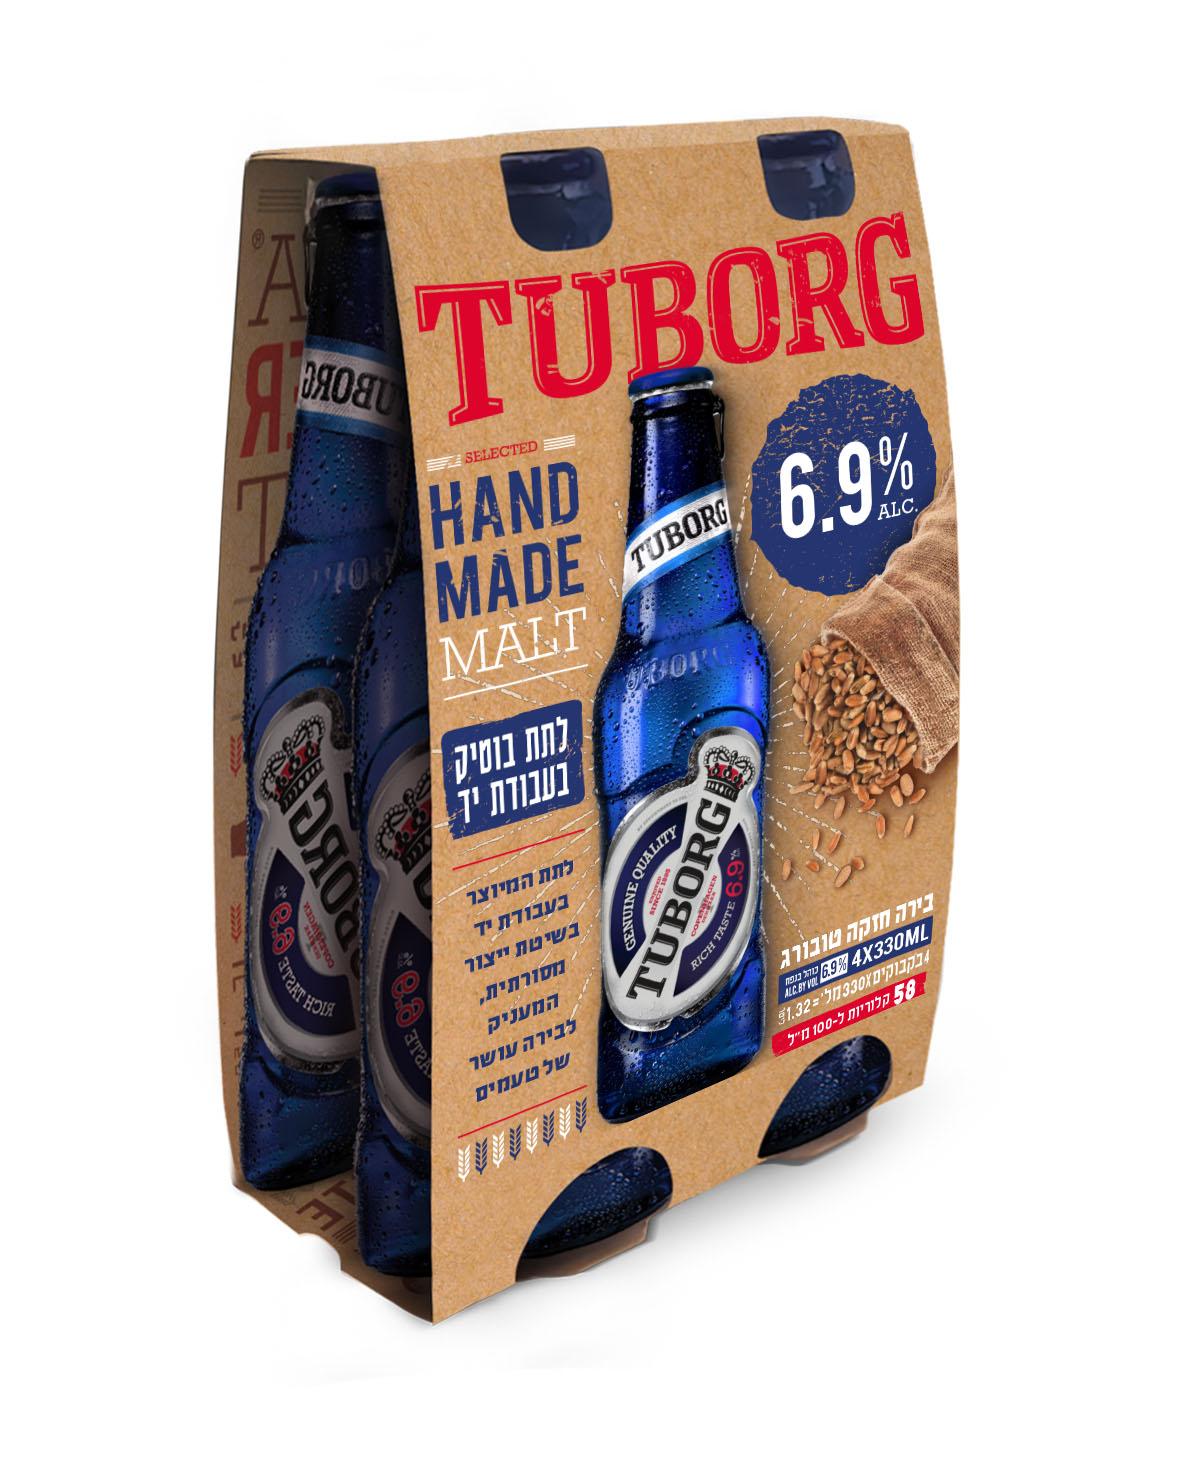 В честь 69-й годовщины независимости Израиля: Tuborg limited edition крепостью 6,9%